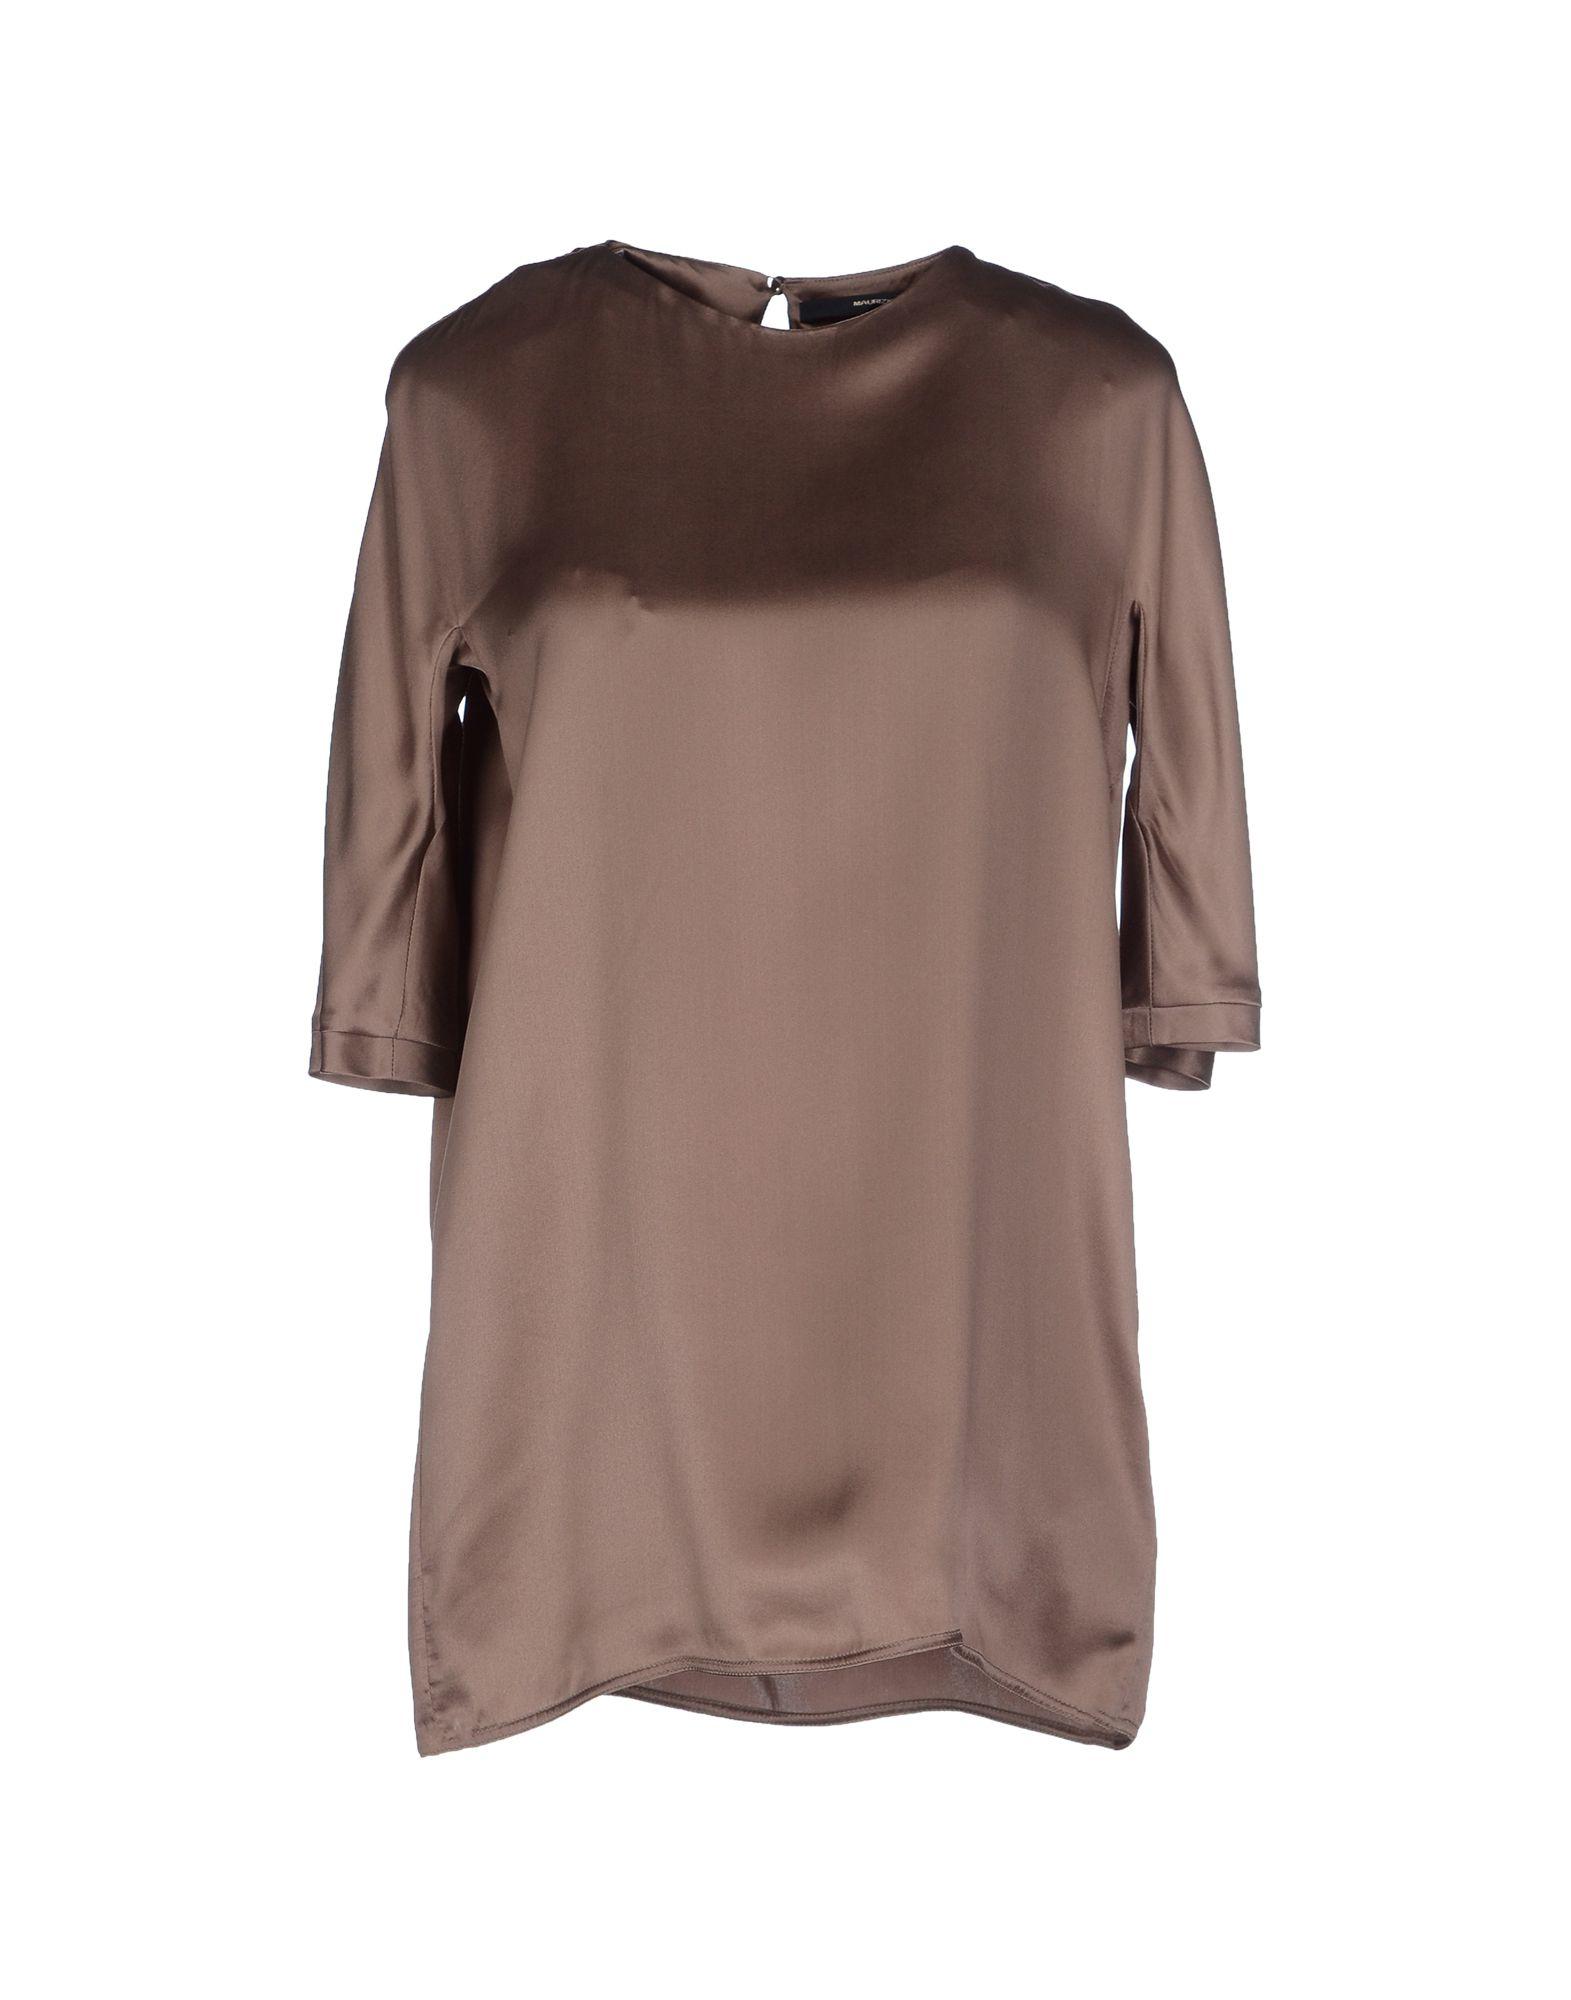 Maurizio pecoraro blouse in khaki lyst for Maurizio pecoraro shop on line